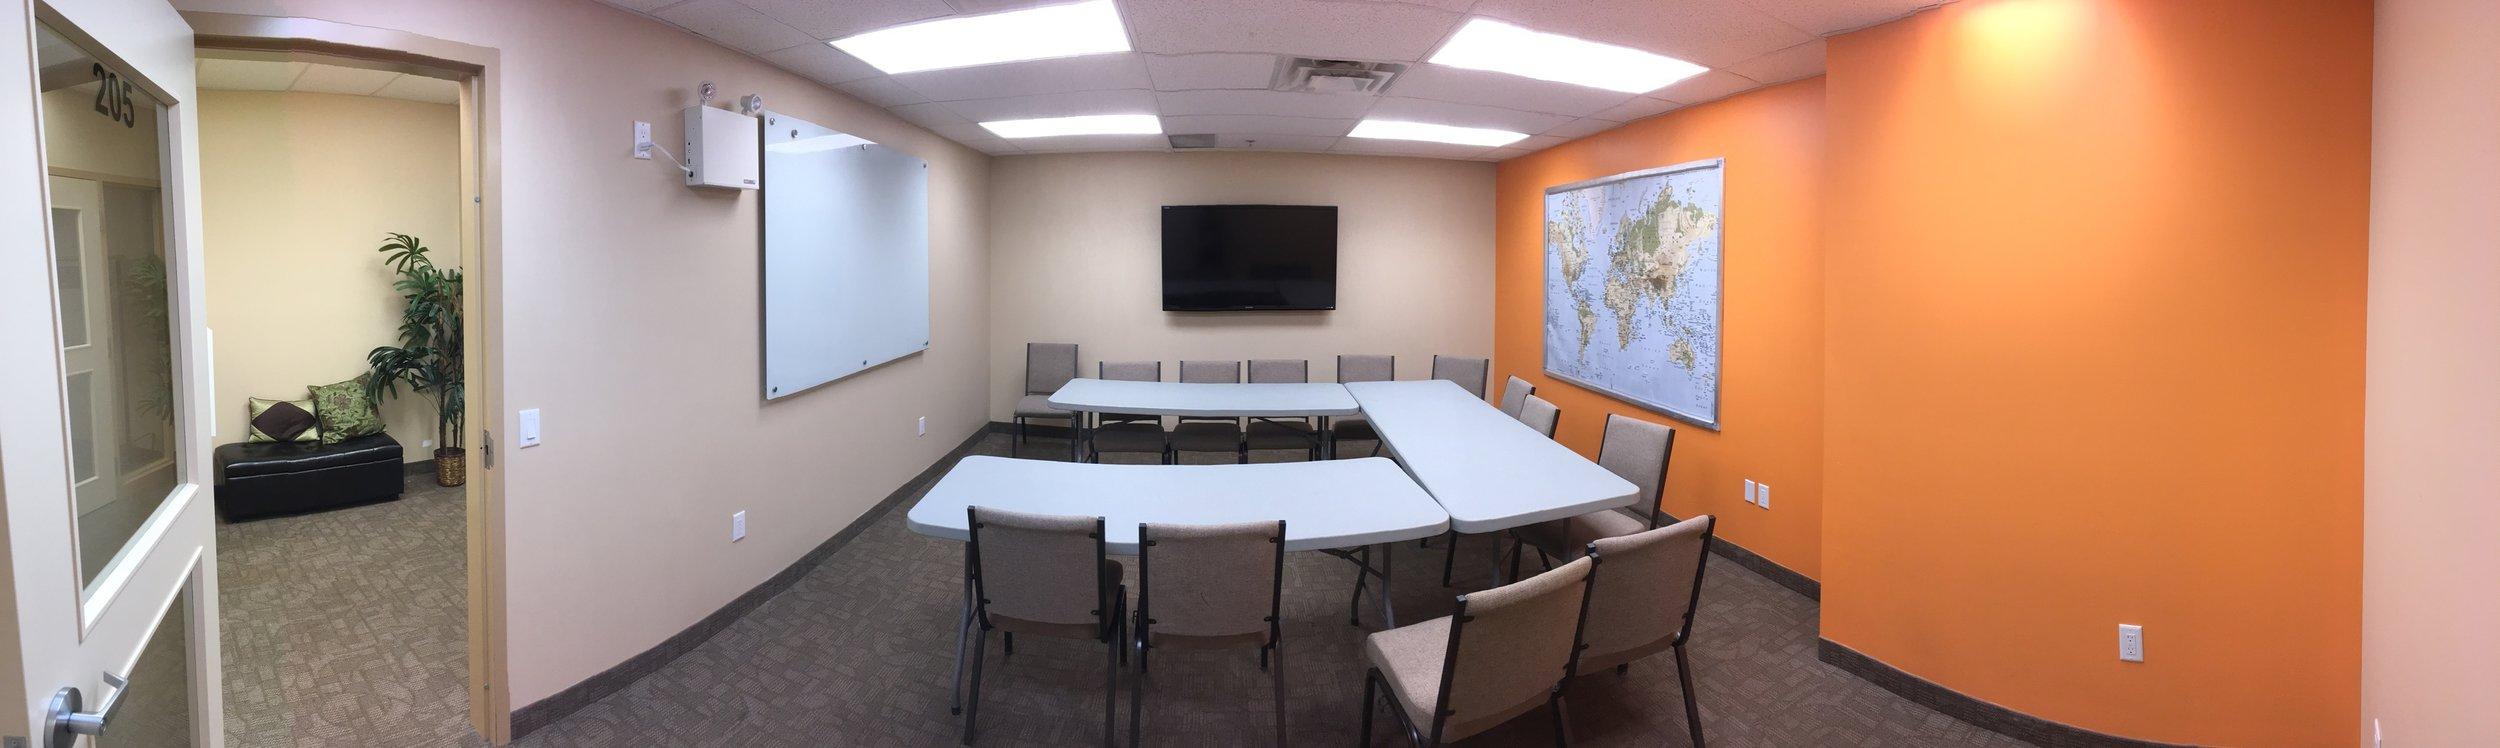 Flex Room 205.jpg